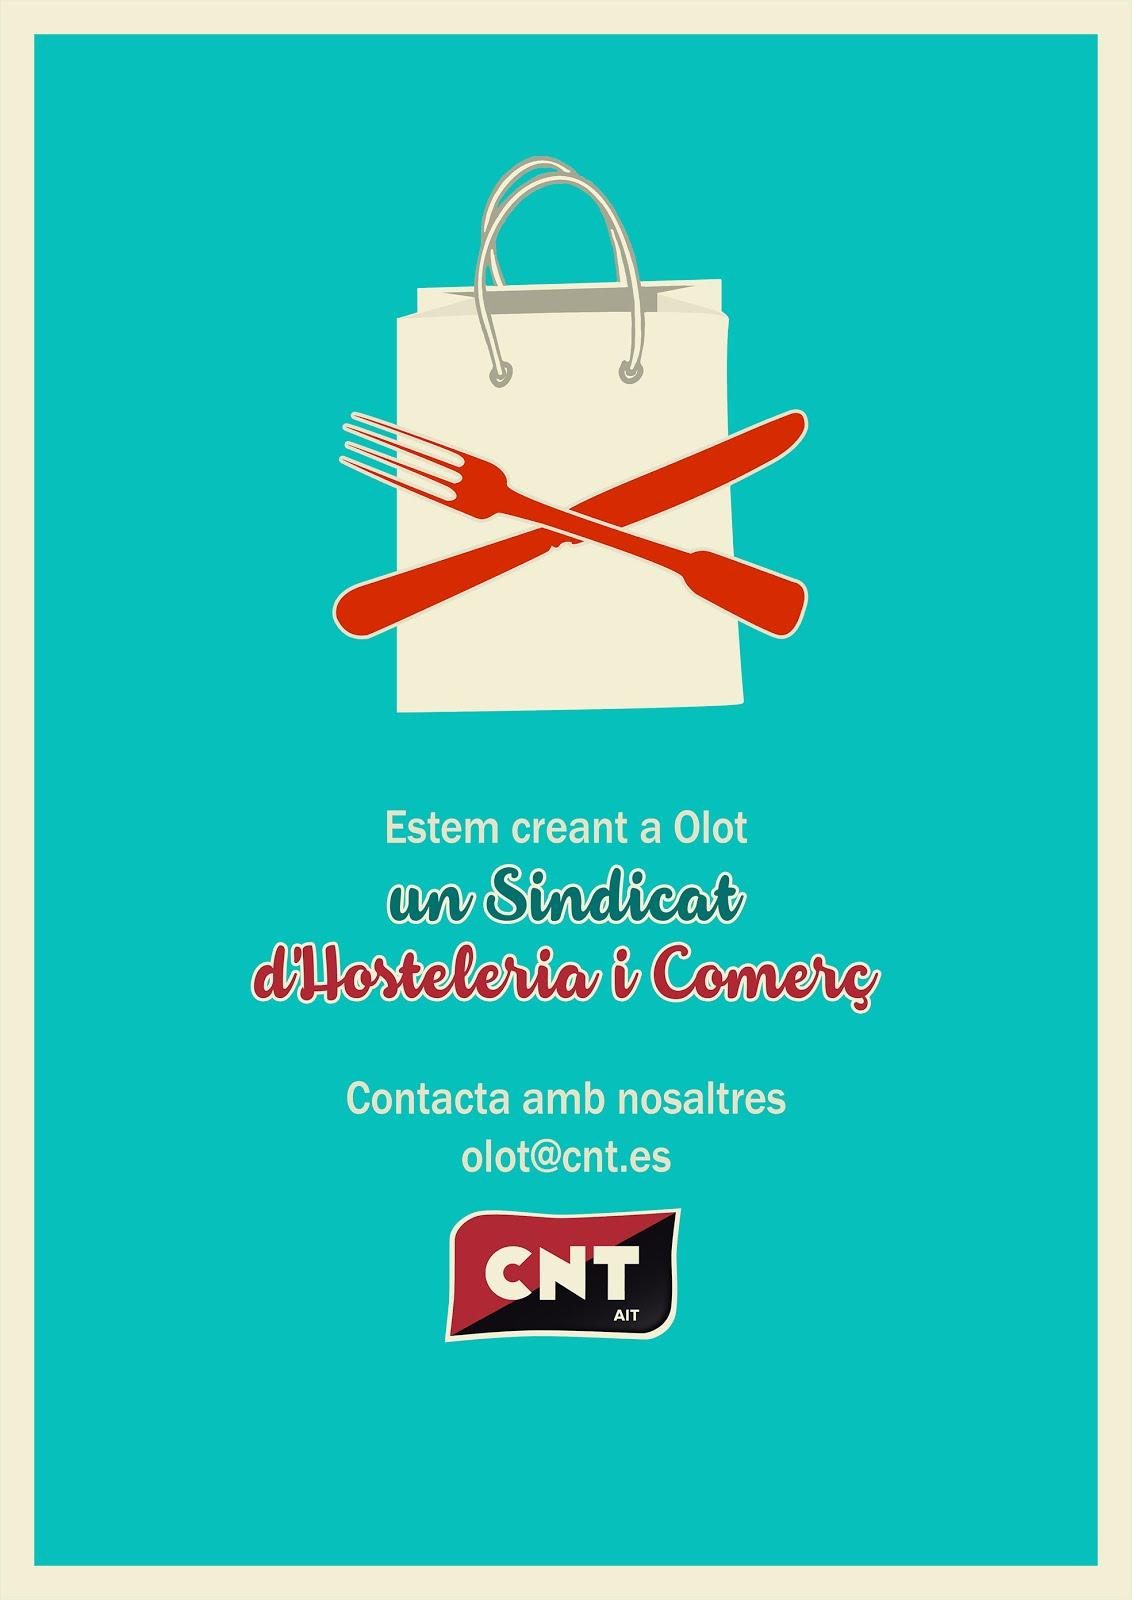 Campanya per crear un sindicat d'Hostaleria i Comerç federat a la CNT-AIT d'Olot